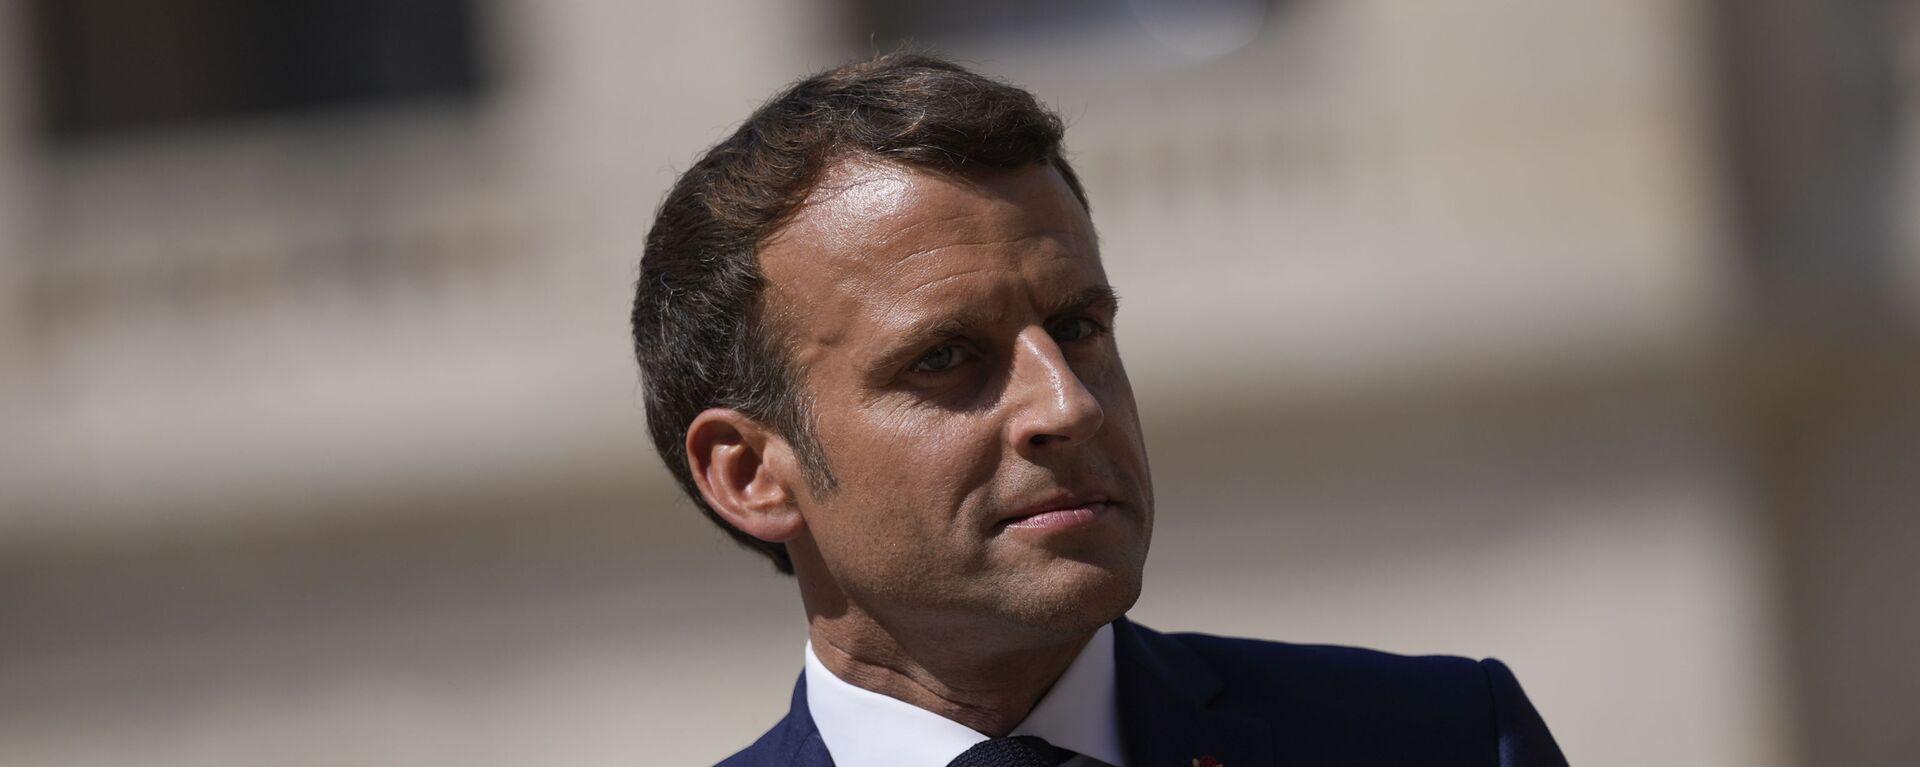 Emmanuel Macron - Sputnik France, 1920, 14.08.2021